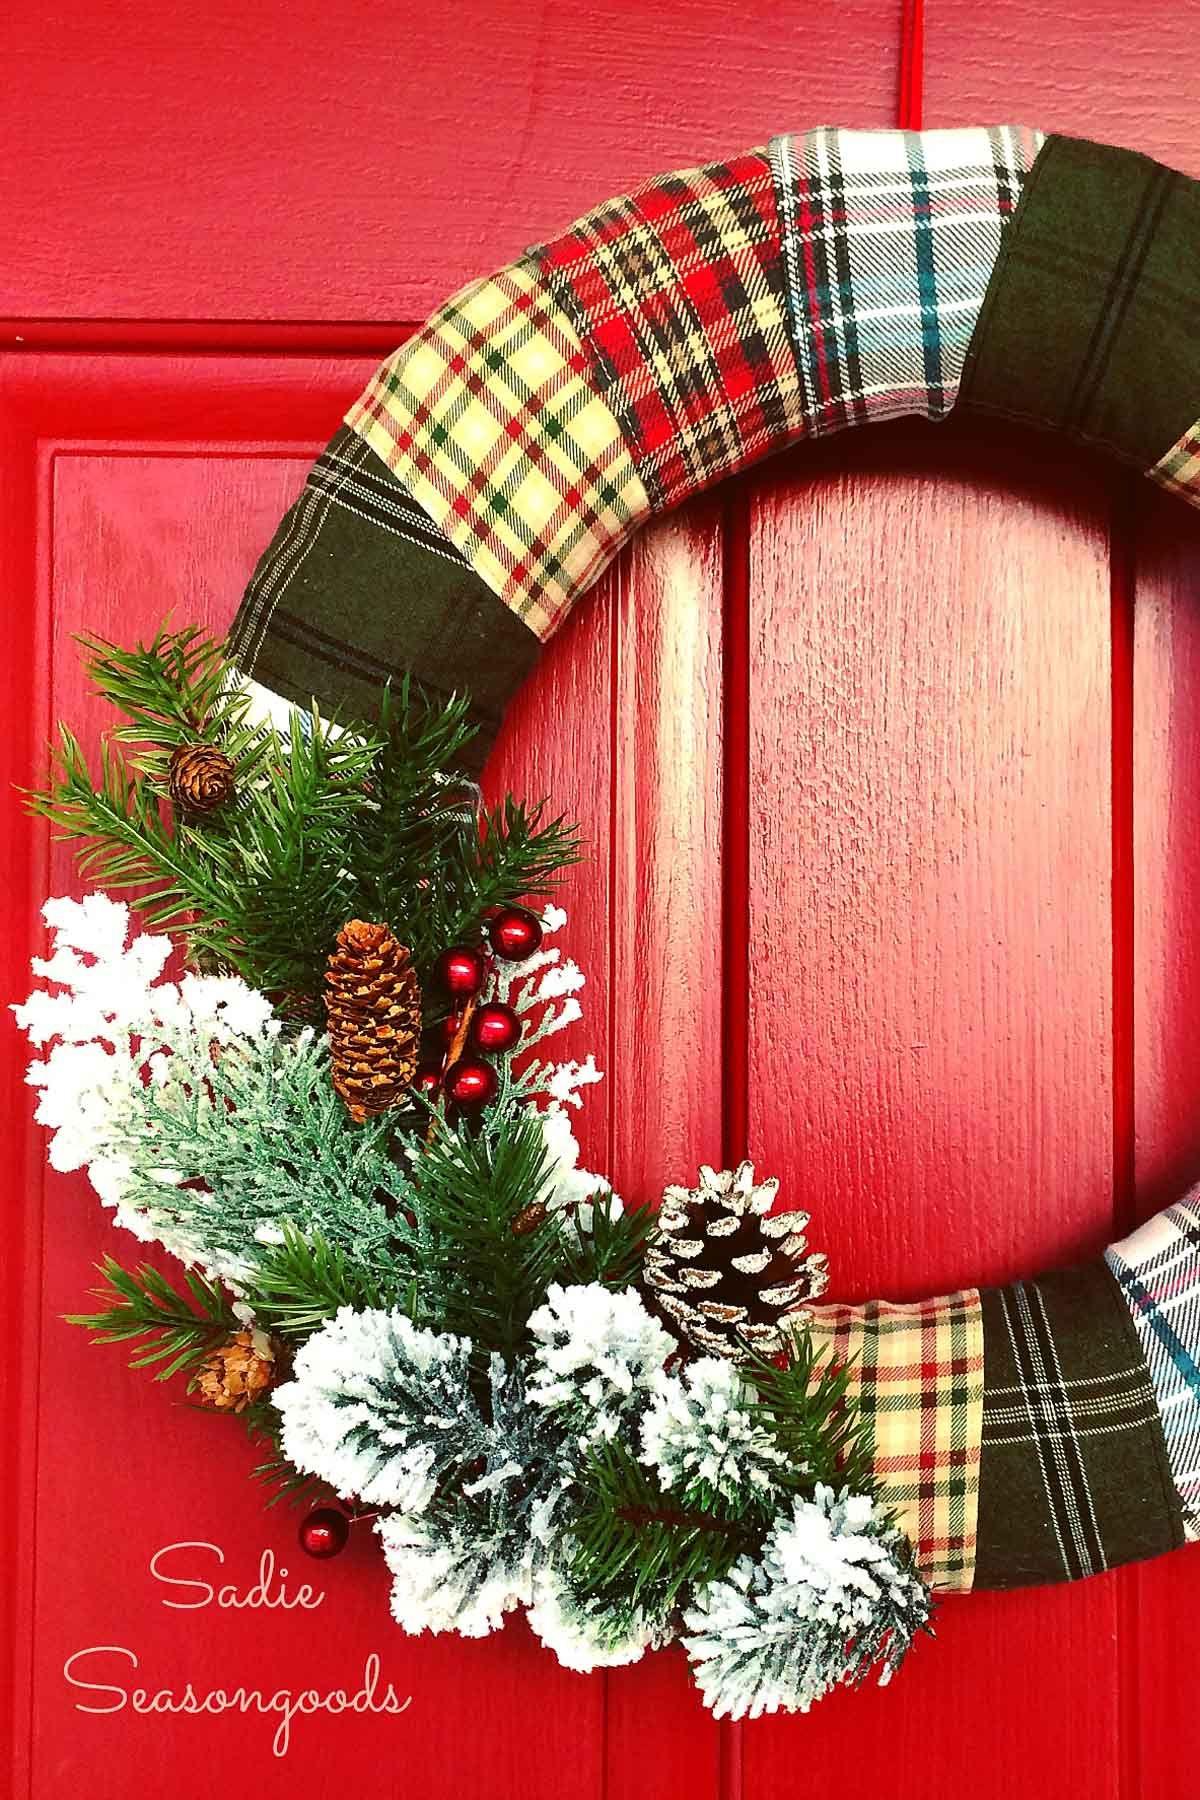 50 festive do it yourself christmas wreath ideas holiday wreaths 50 festive do it yourself christmas wreath ideas solutioingenieria Gallery